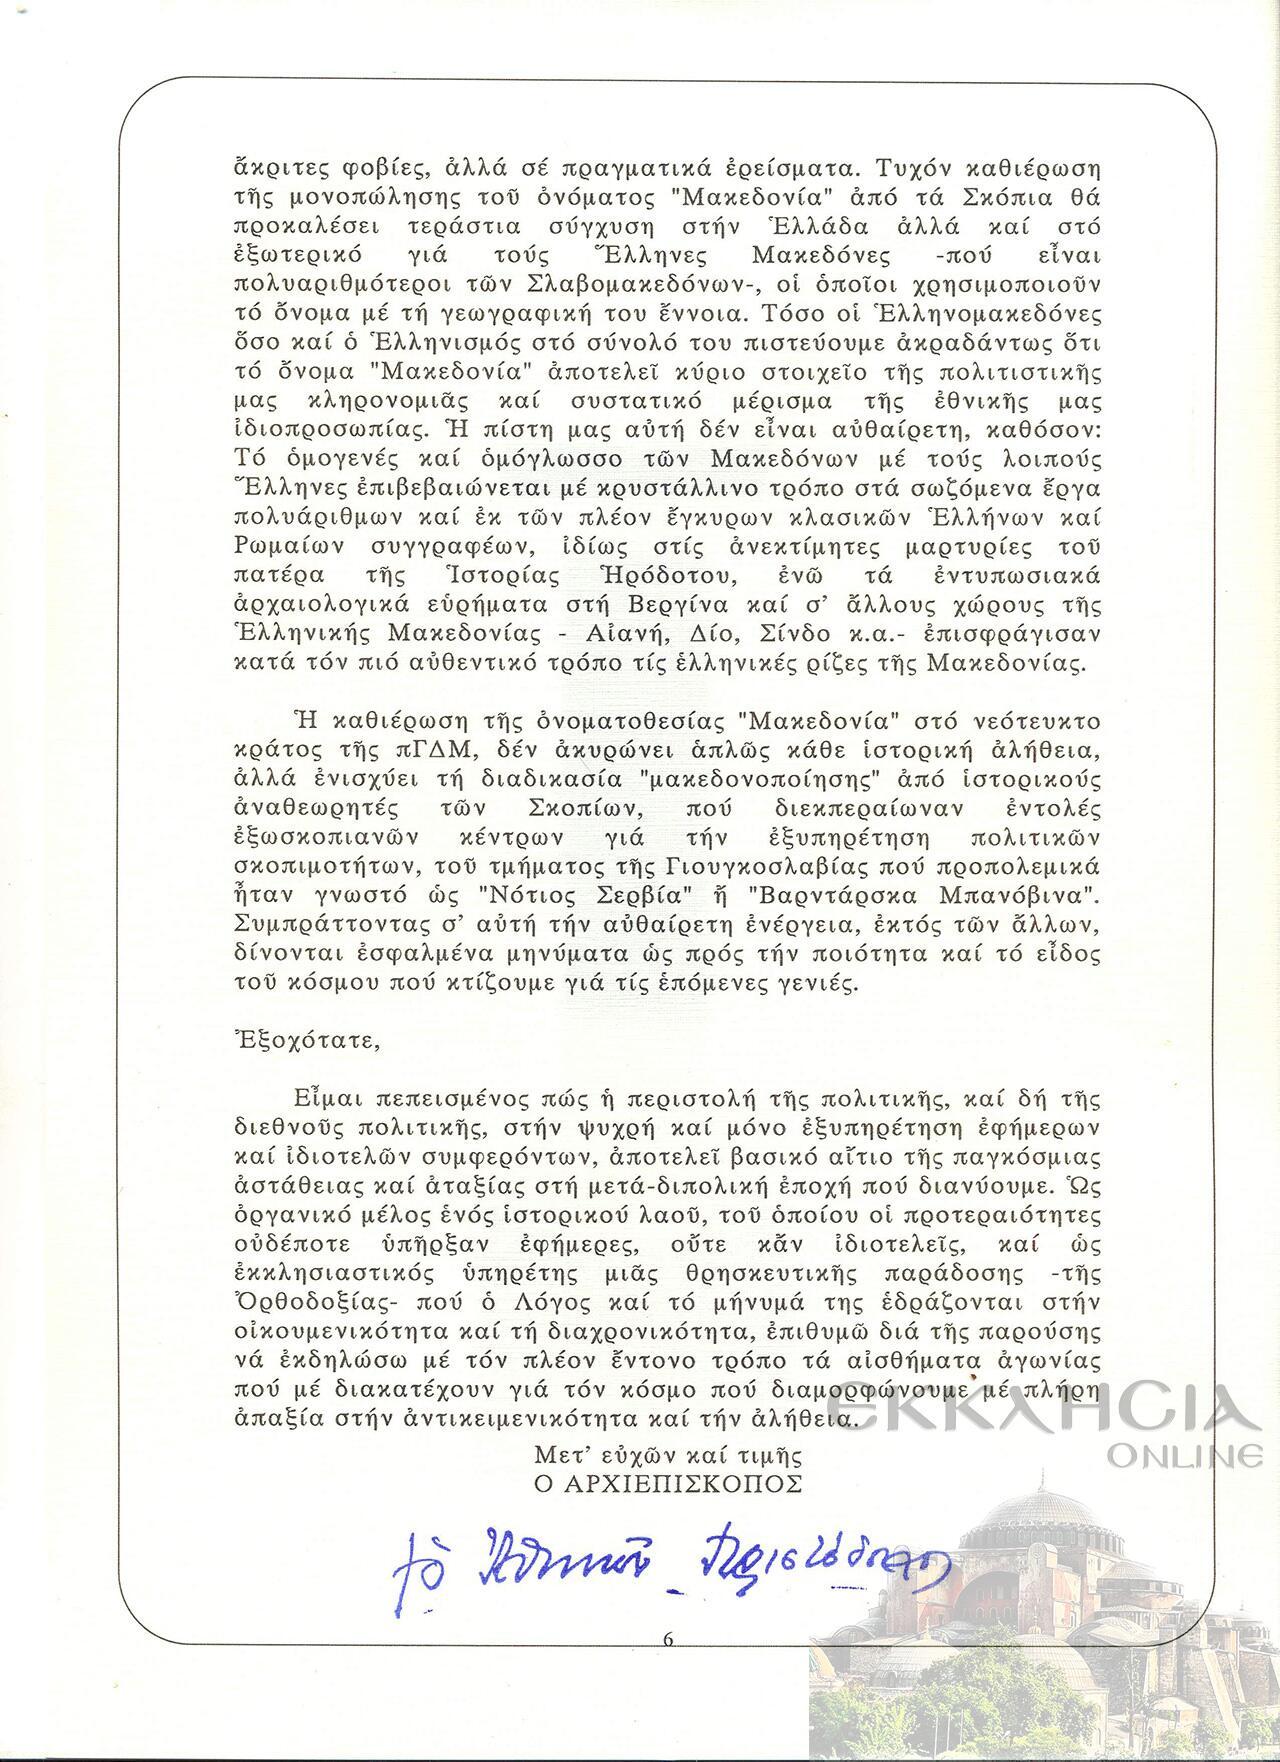 επιστολή Αρχιεκισκόπου Χριστόδουλου Μακεδονικό σελίδα 6